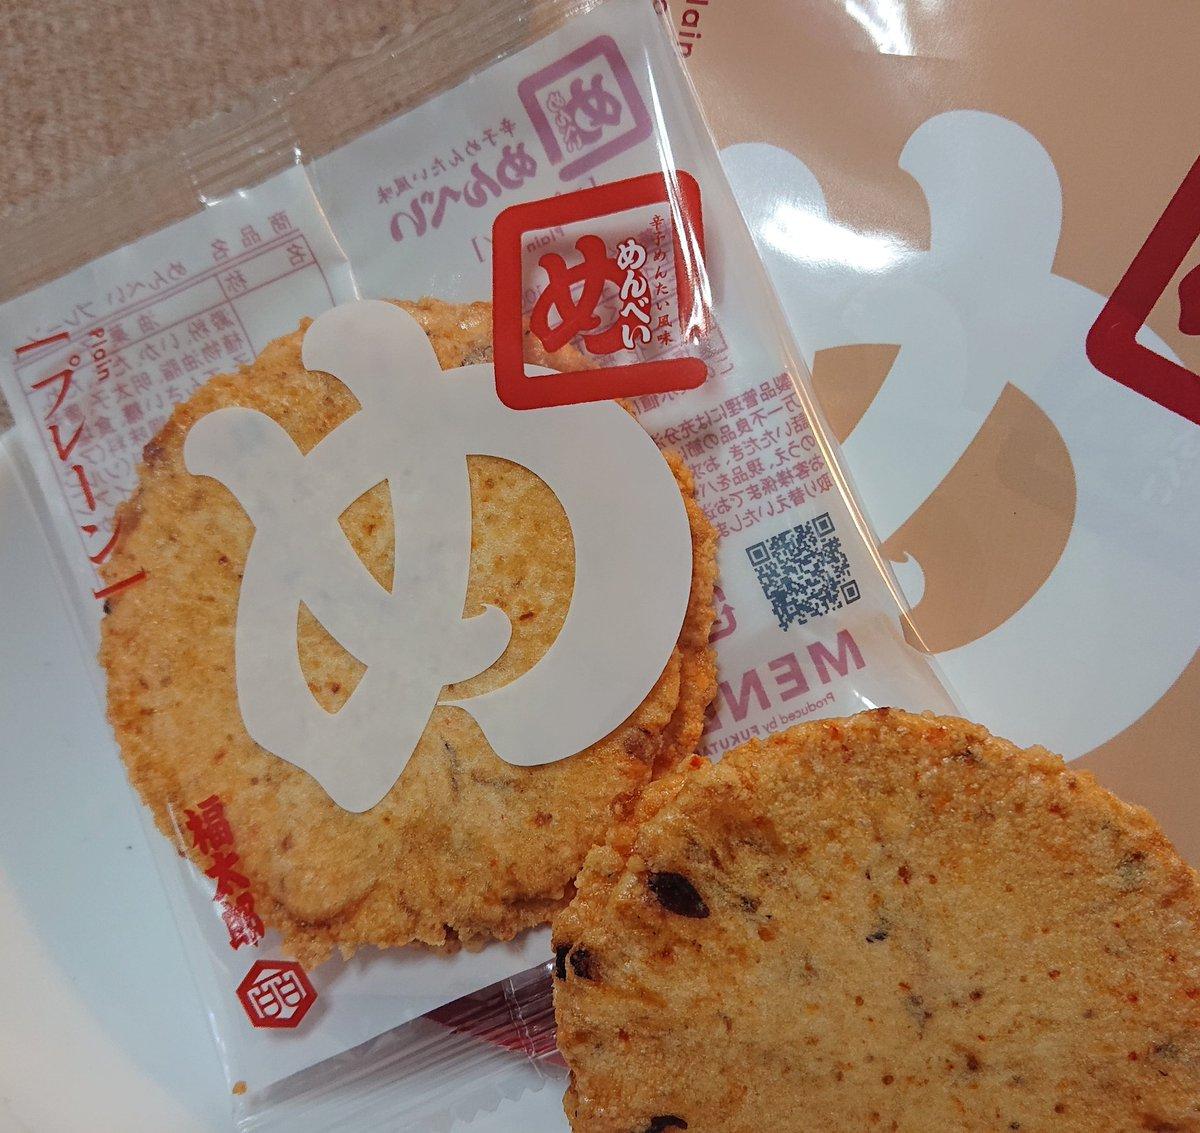 test ツイッターメディア - めんべい    辛子めんたい風味でイカやタコが入ってる 福岡市の福太郎  ピリカラ😋 https://t.co/qiVDWTw6bB